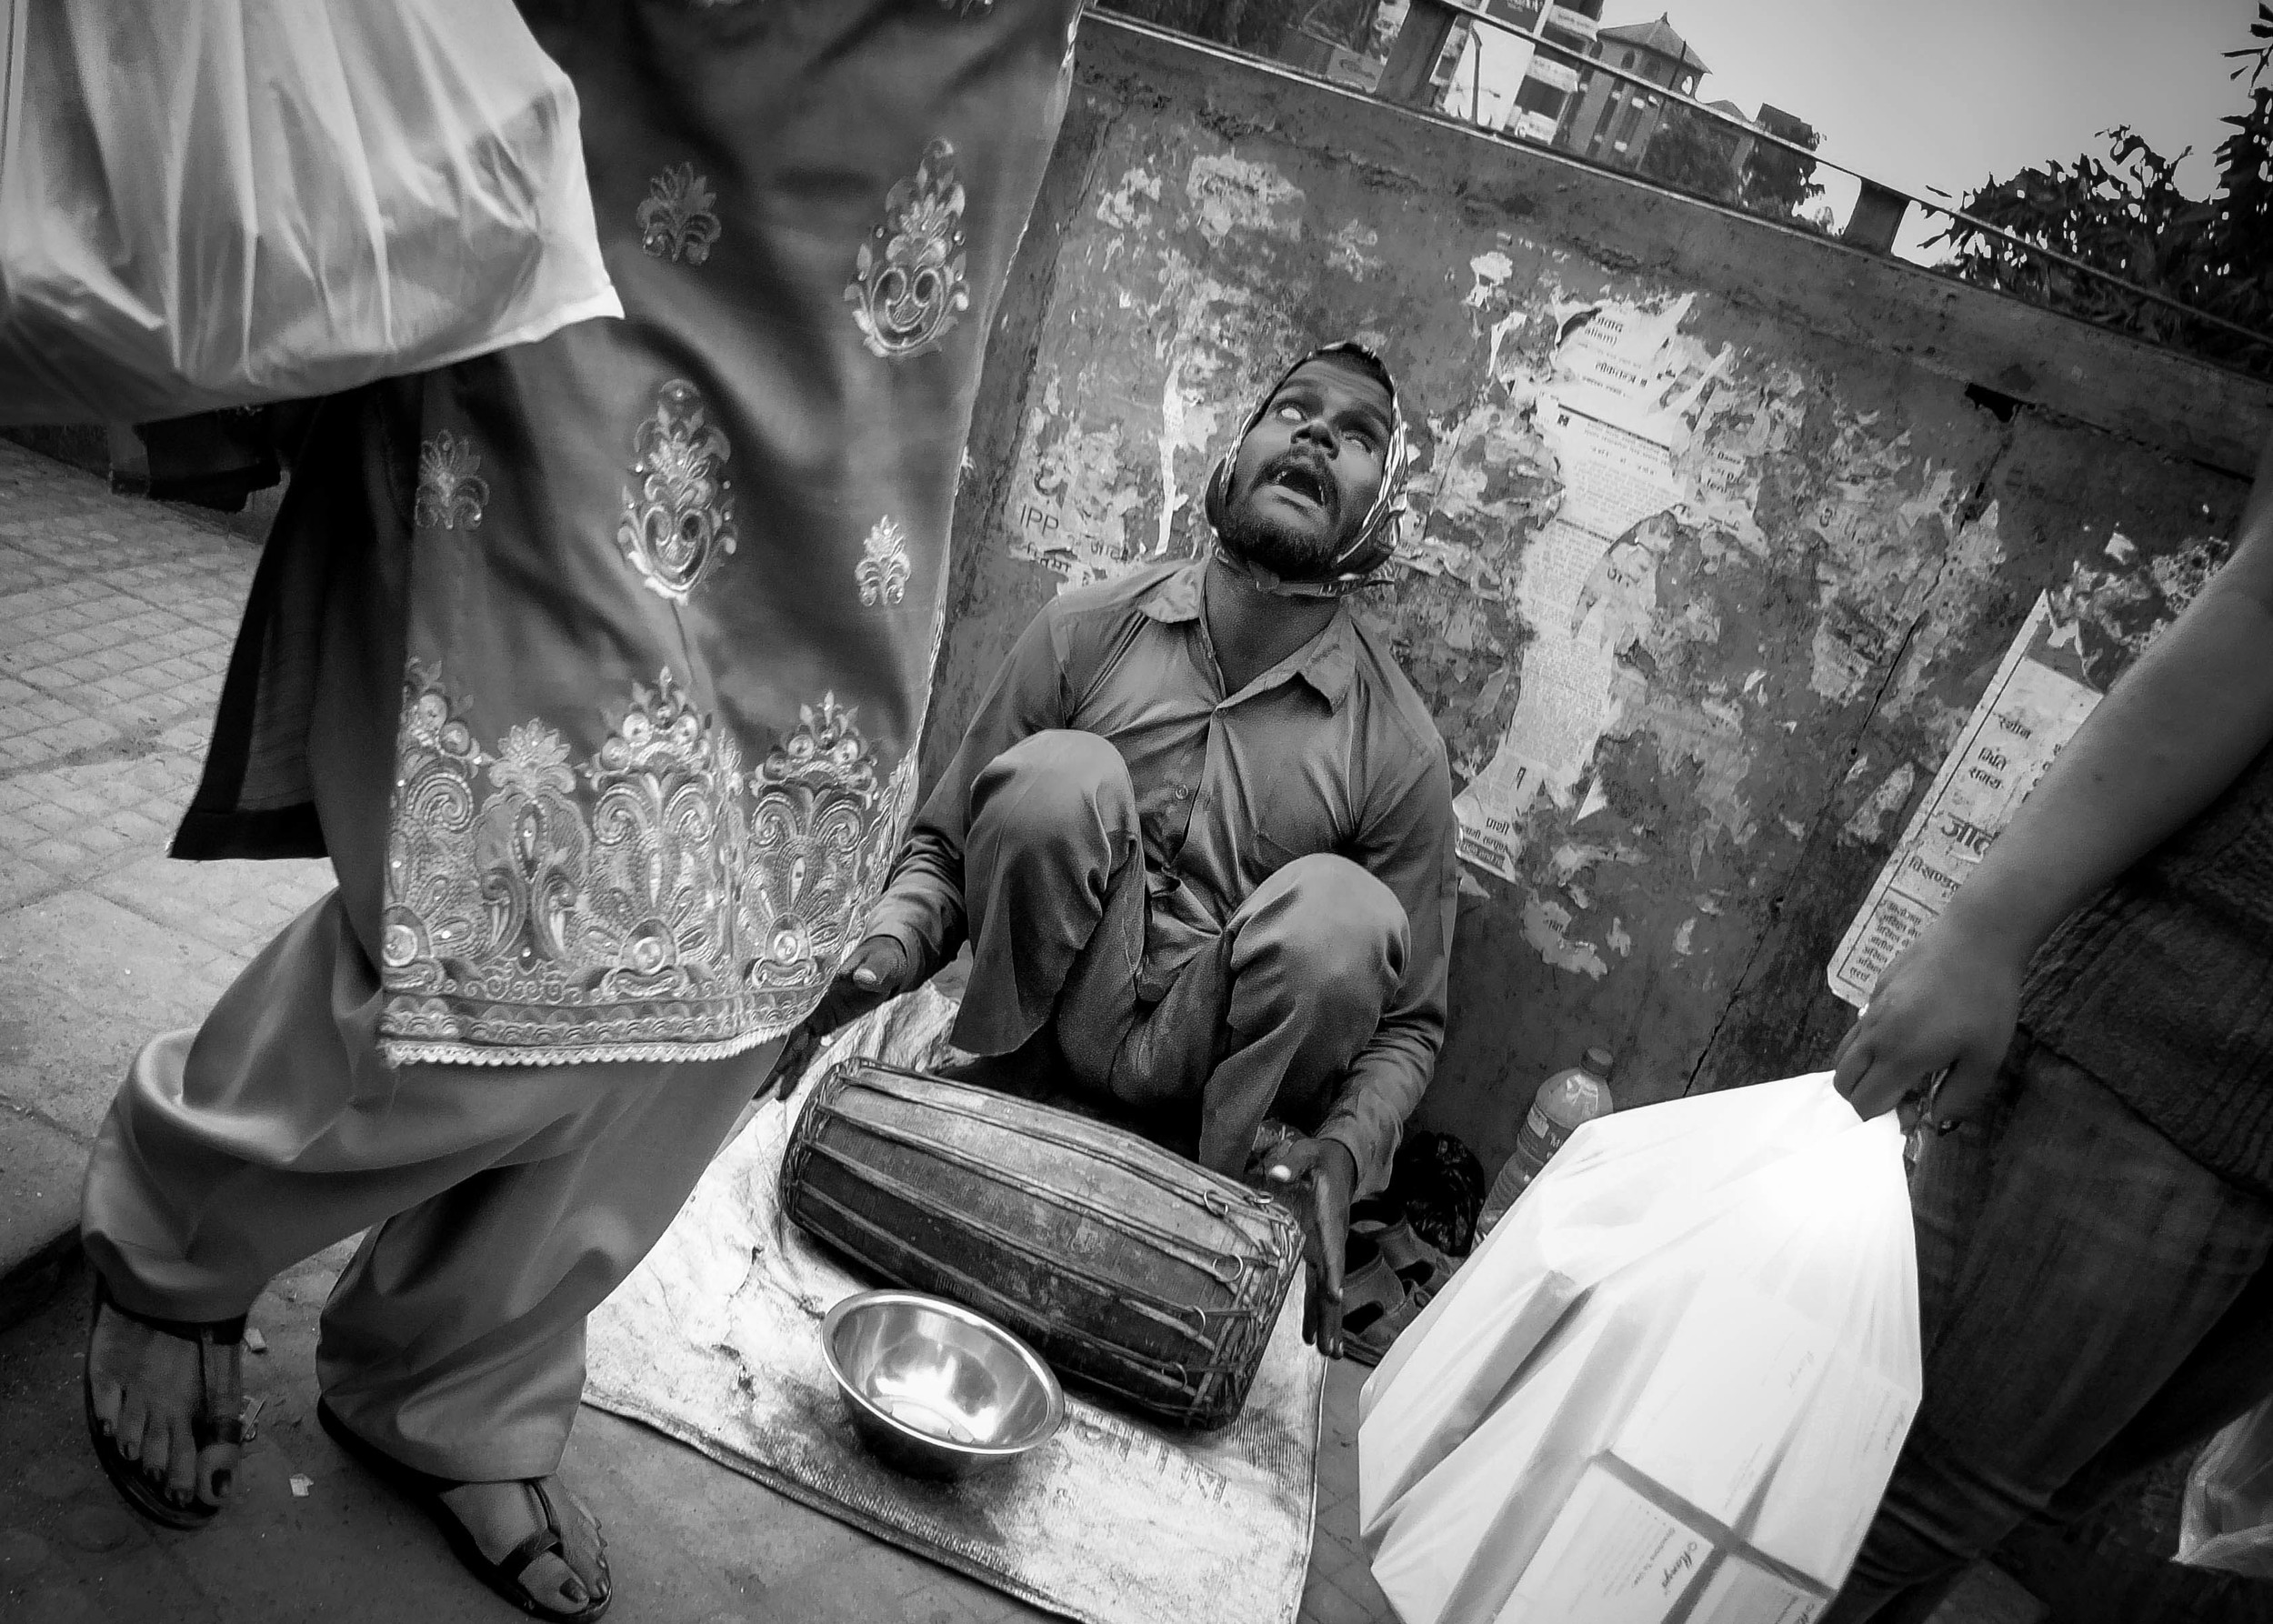 Nepal Thamel Beggar 2012.2 (1 of 1).jpg